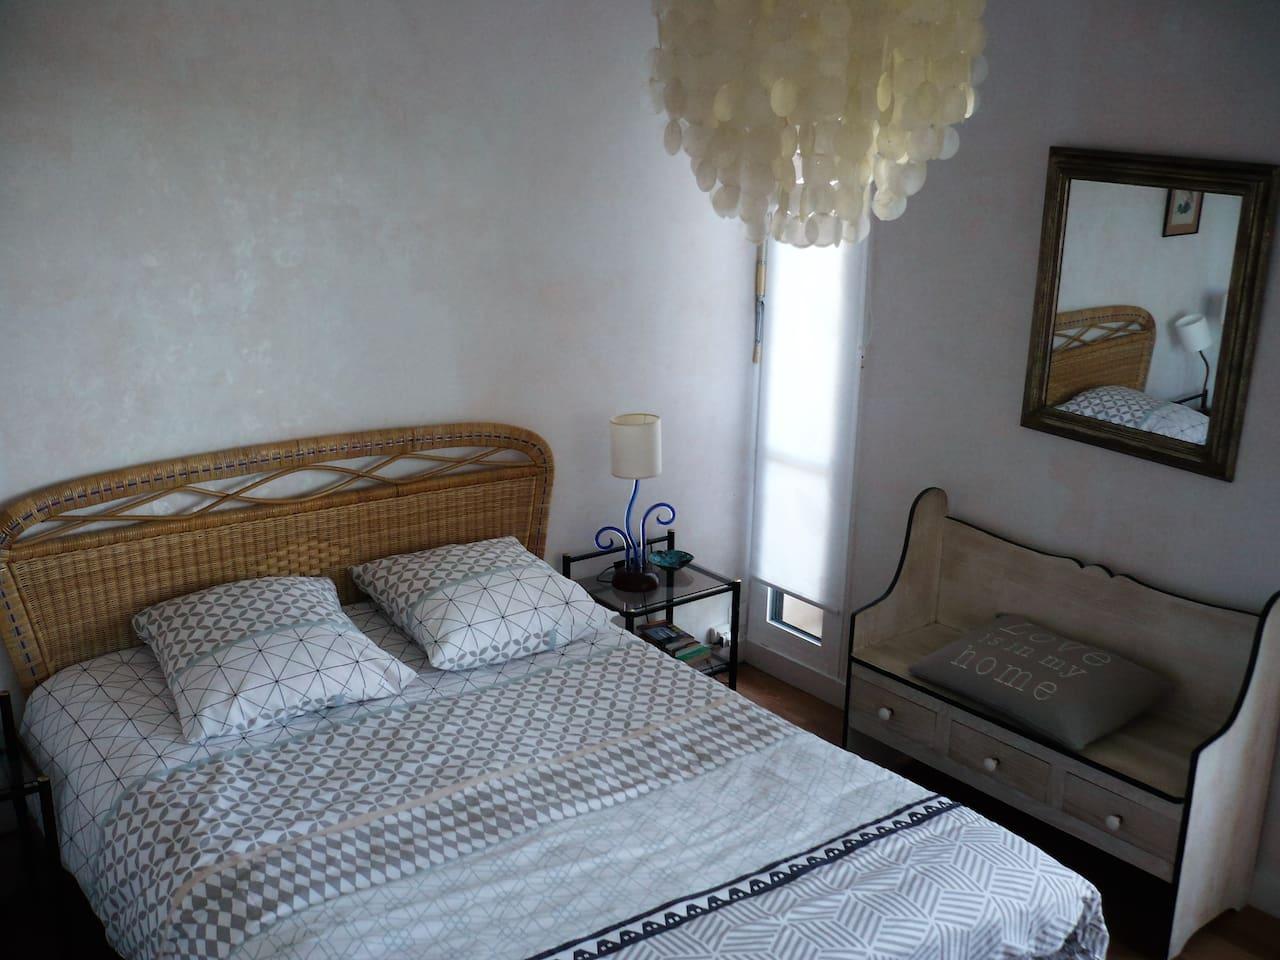 La chambre donne sur le balcon